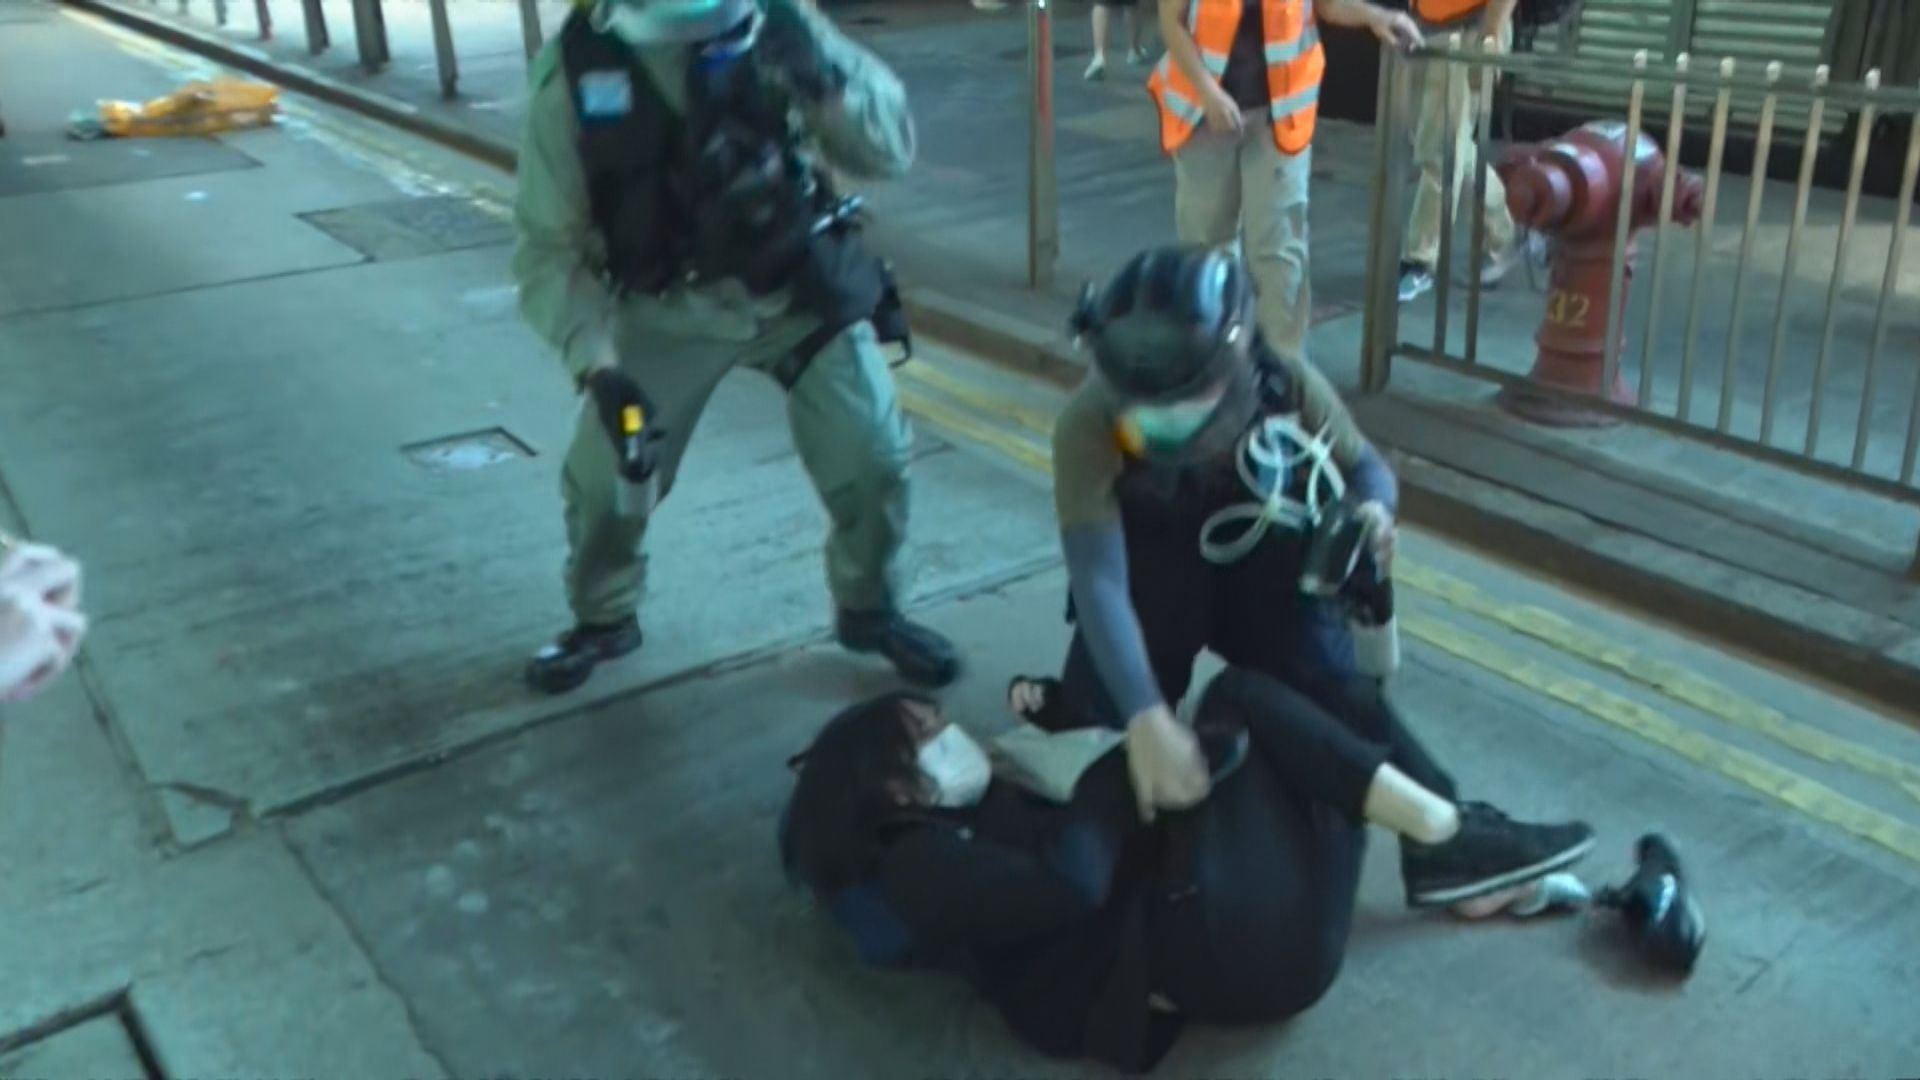 【反修例一周年】有人走出德輔道中 警員驅散示威者